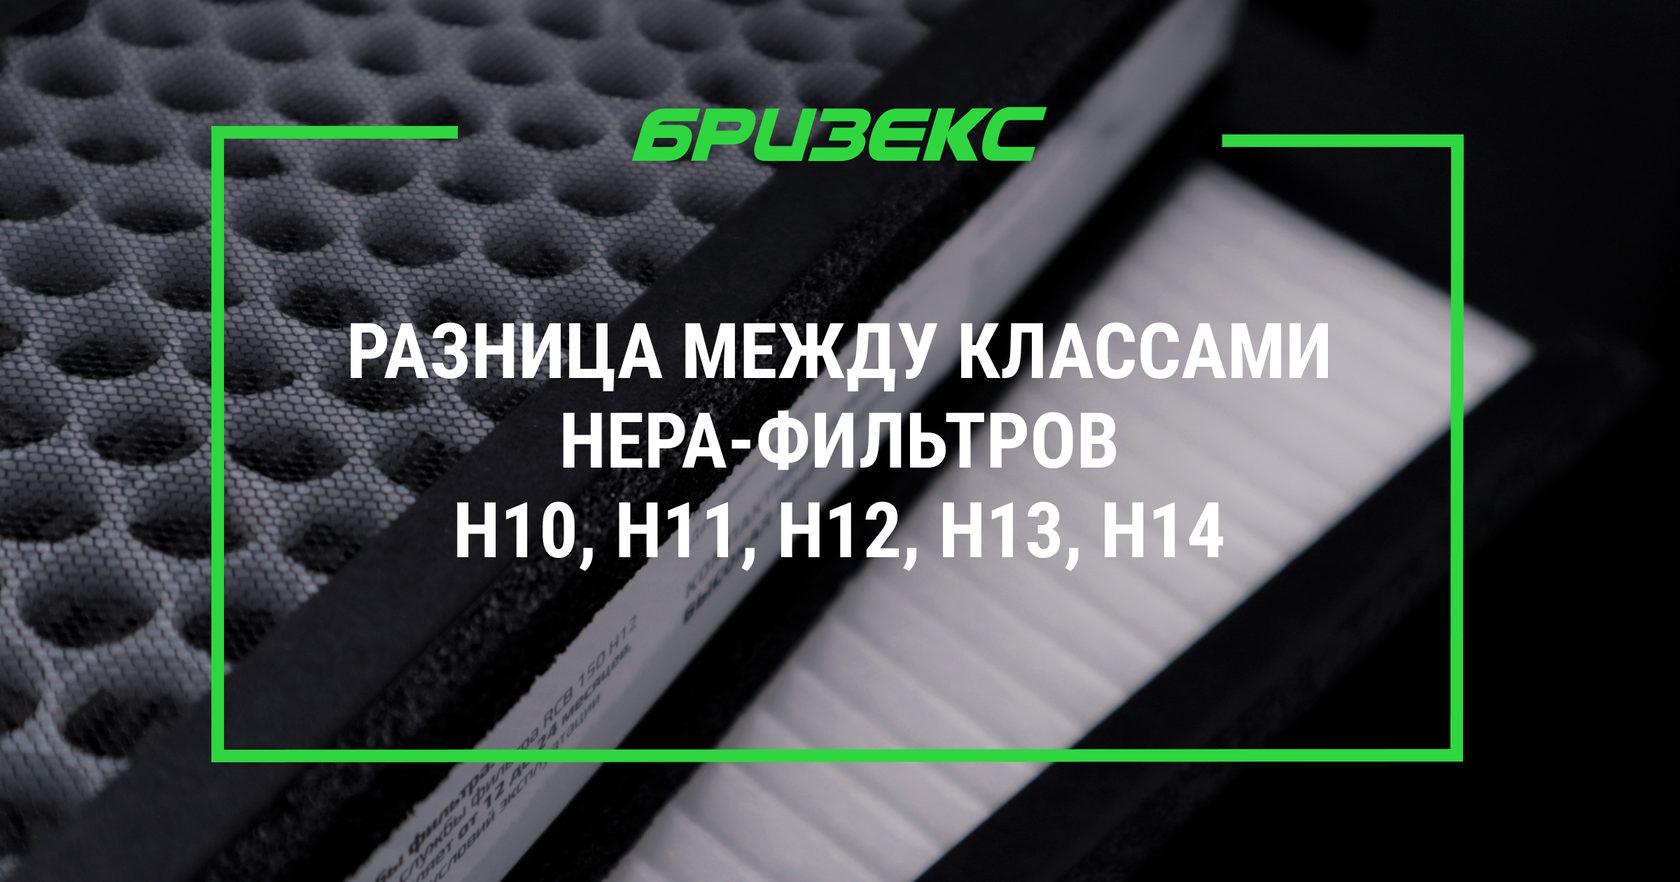 Нера 11 — 13 фильтр тонкой очистки, что это такое?